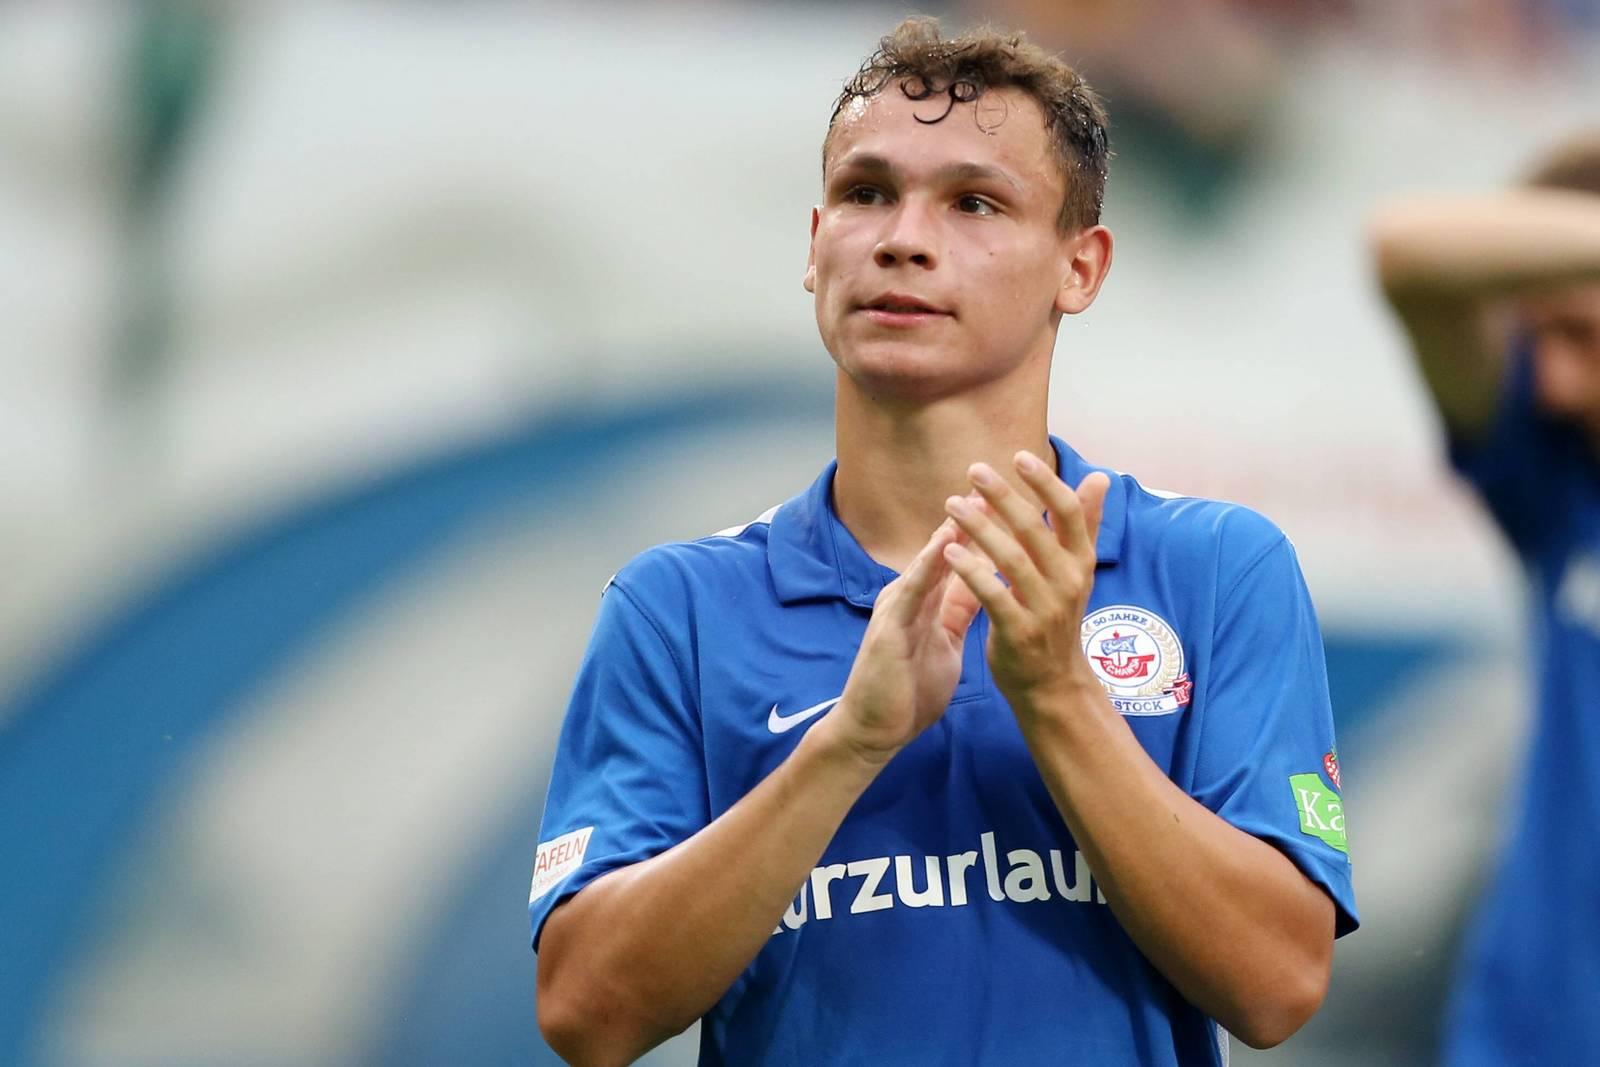 Lukas Scherff von Hansa Rostock